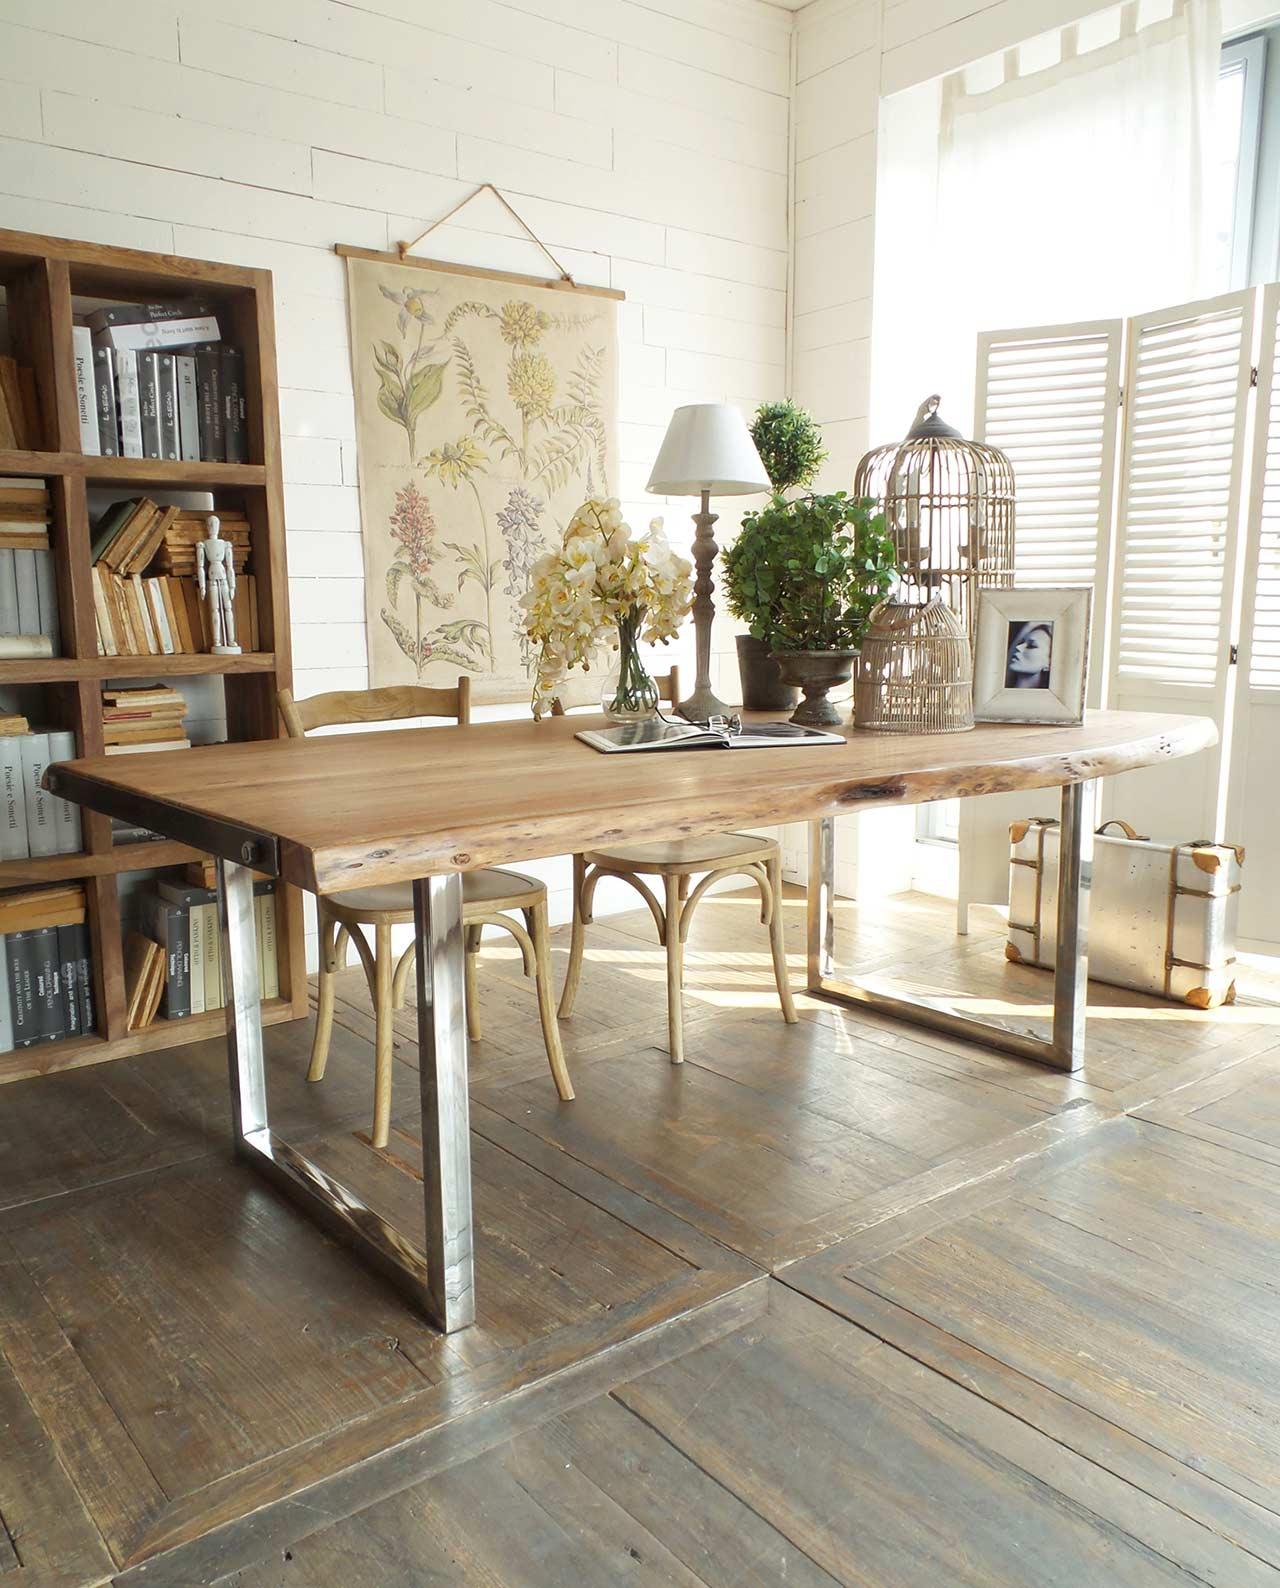 Tavolo rettangolare stile industrial mobilia store home favours - Piedi per tavolo in legno ...